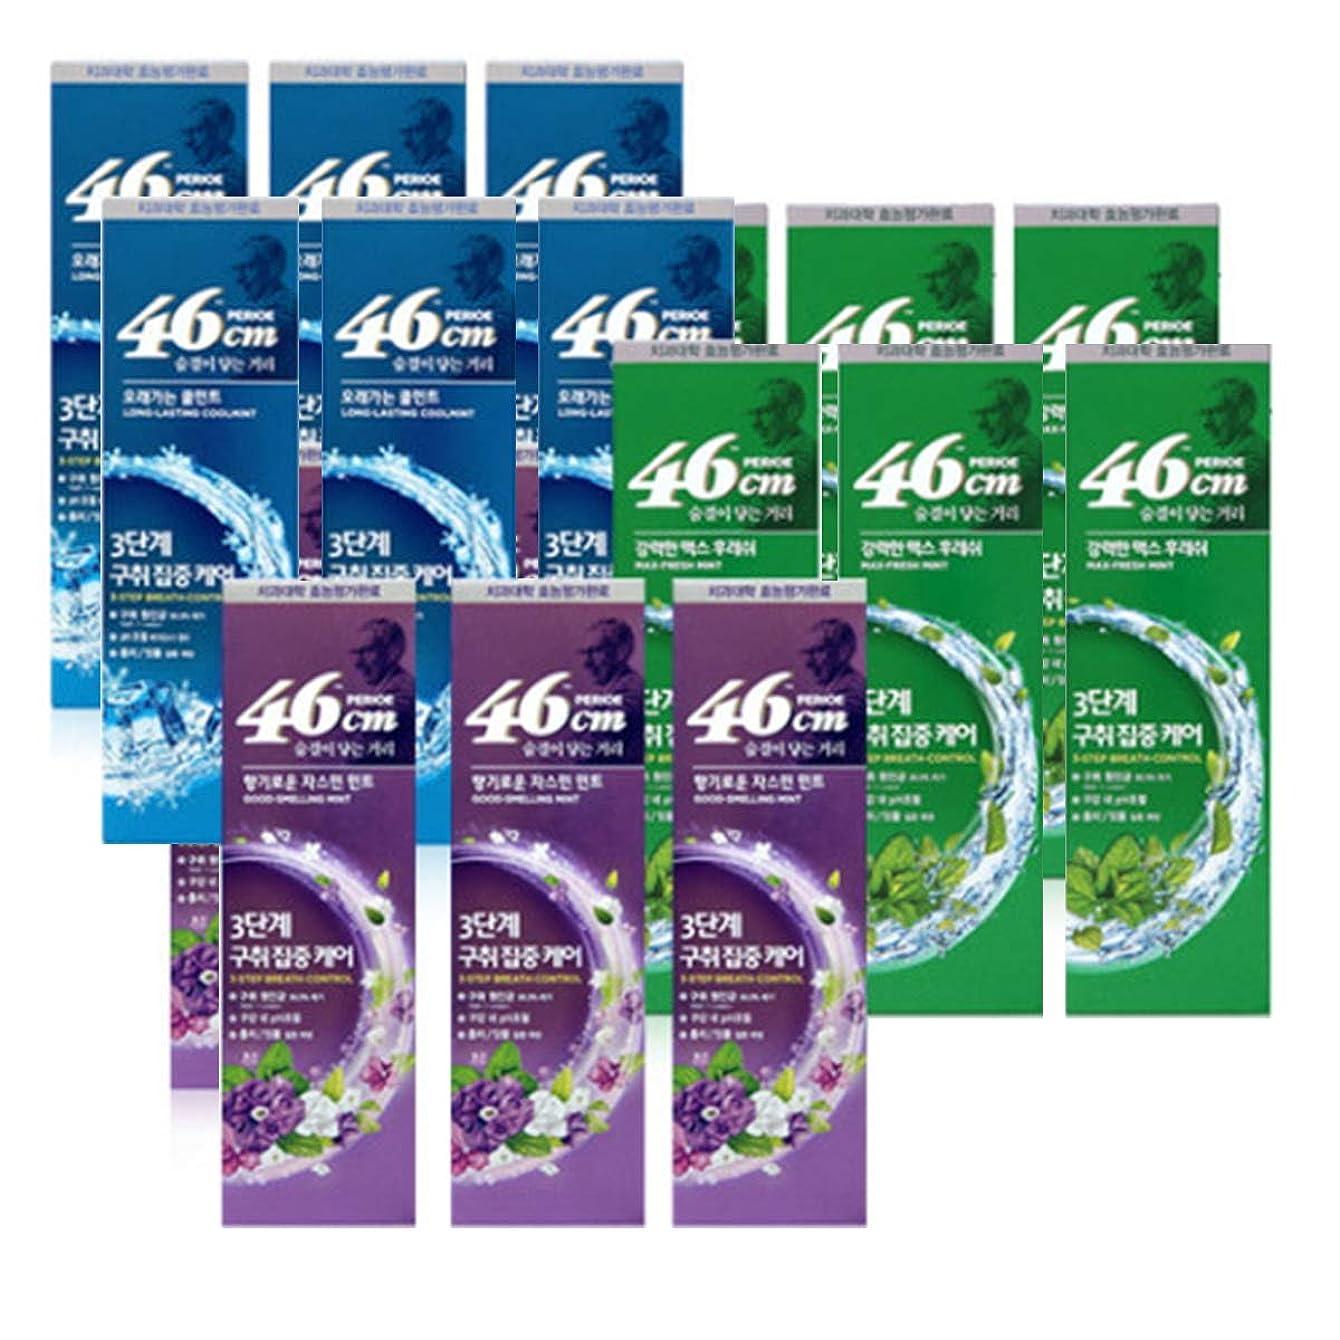 アンプ依存タール[LG HnB] Perio 46cm toothpaste / ペリオ46cm歯磨き粉 100gx18個(海外直送品)